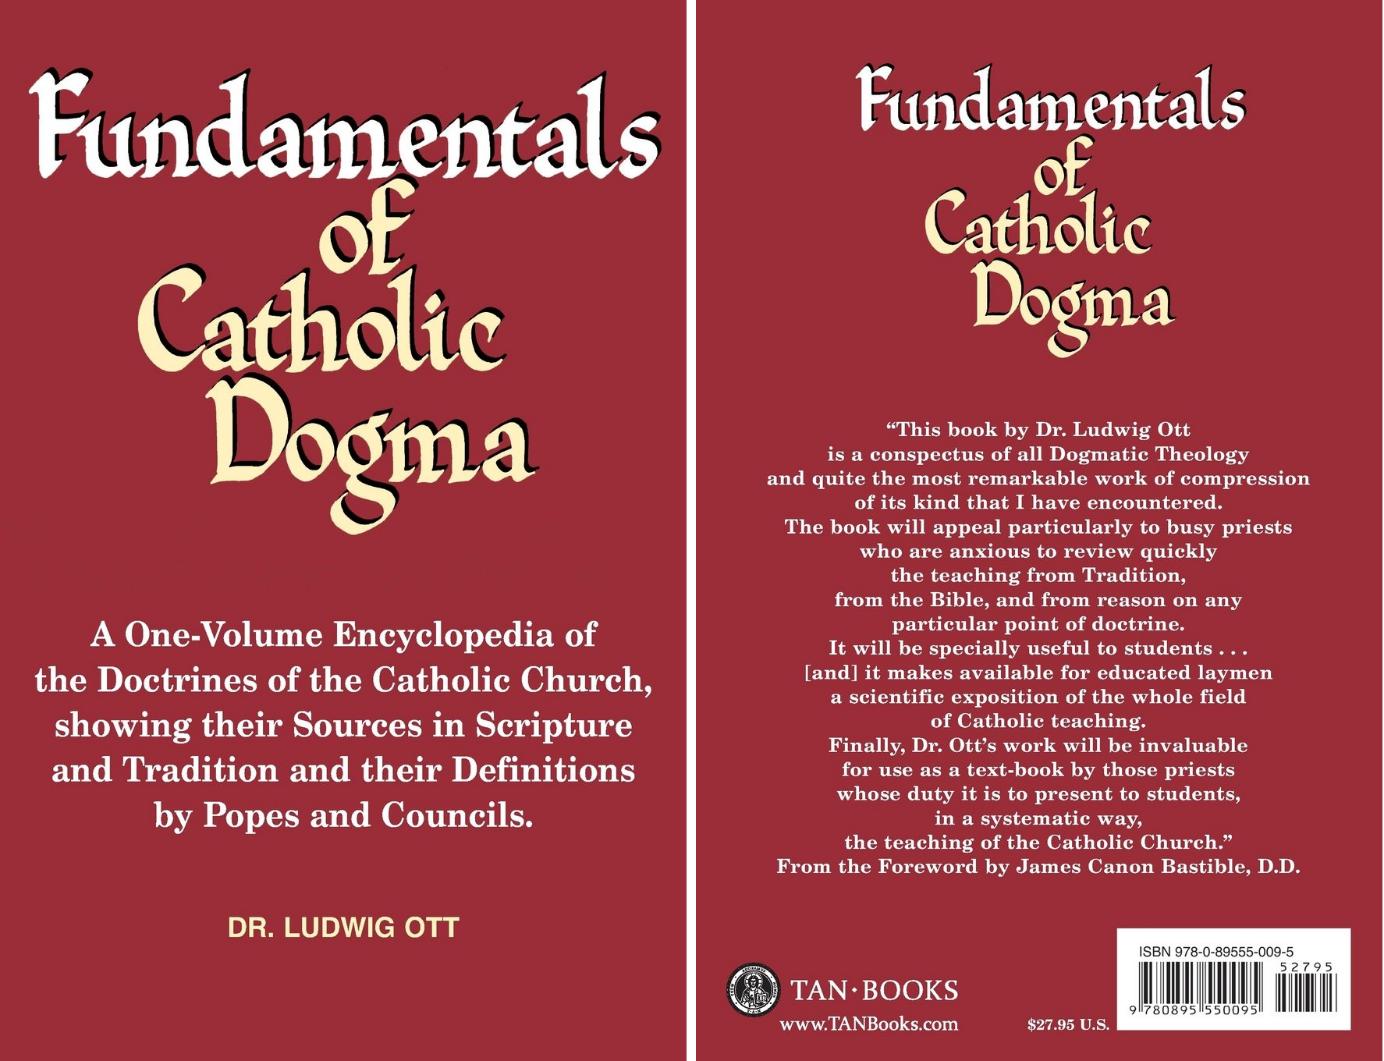 Kniha Základy katolickĂ© dogmatiky je uznávaná jako nejlepší shrnutĂ katolickĂ˝ch dogmat. JednodĂlná encyklopedie katolickĂ© doktrĂny. Ĺ?Ăká pĹ™esnÄ›, co cĂrkev uÄŤĂ kjednotlivĂ˝m tĂ©matĹŻm. Ĺ?Ăká, kdy byly vĂ˝roky uÄŤinÄ›ny a pĹ™ikl